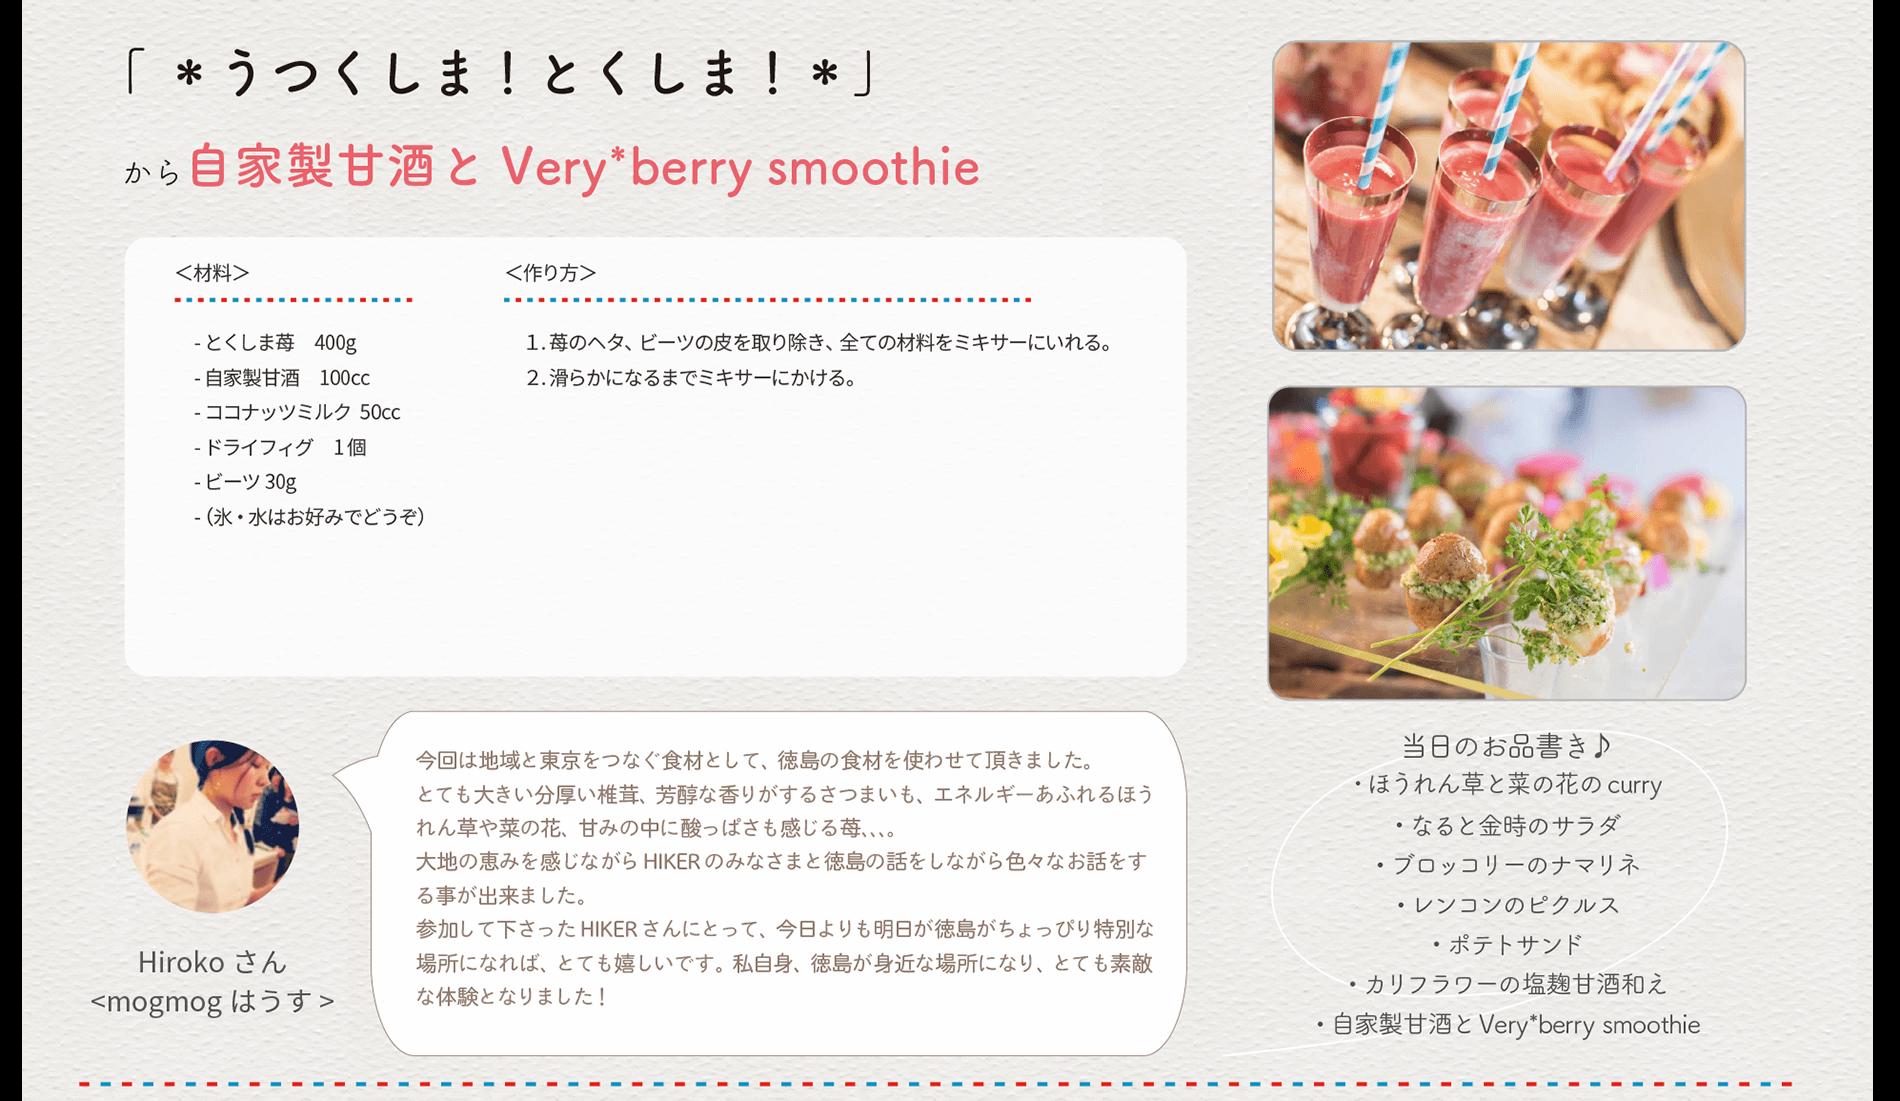 レシピ_hiroko